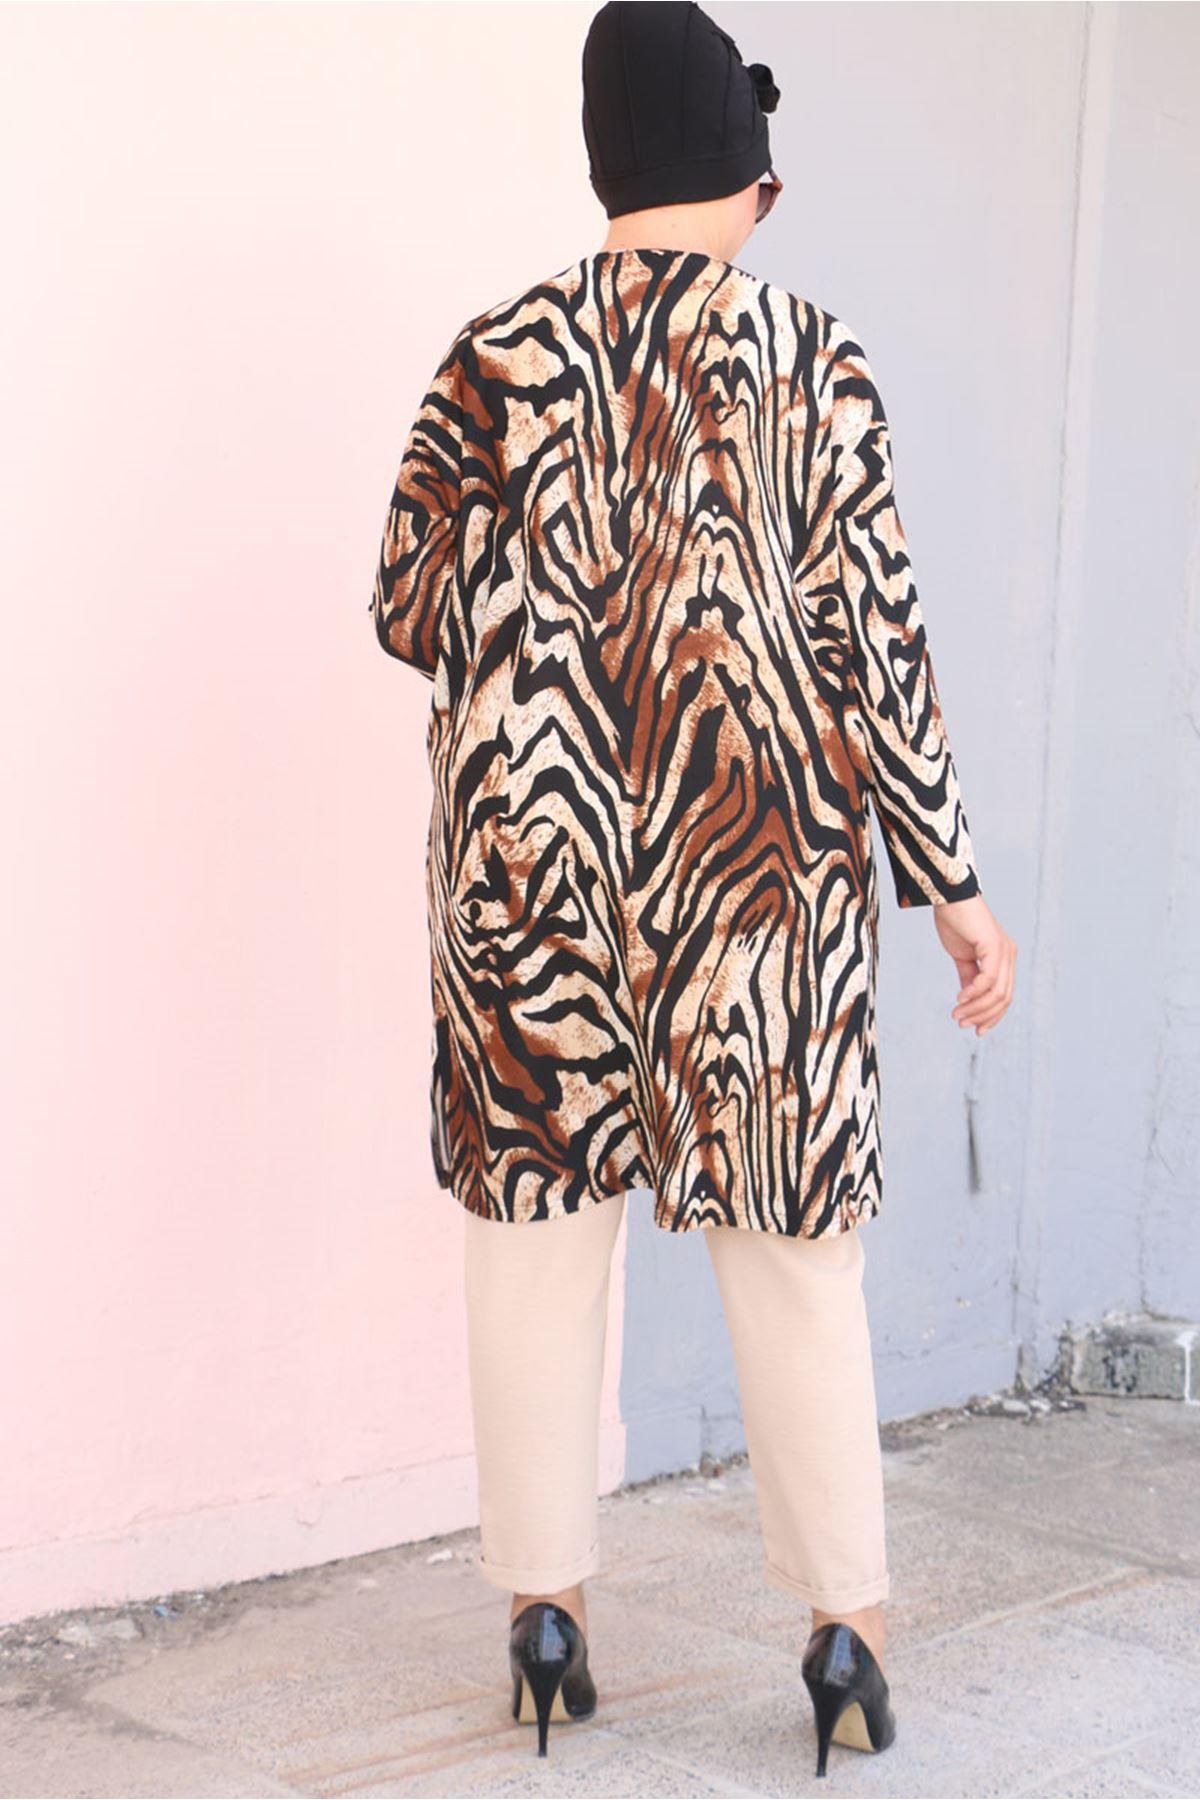 8473 Büyük Beden Örme Krep Tunik - Zebra Desen